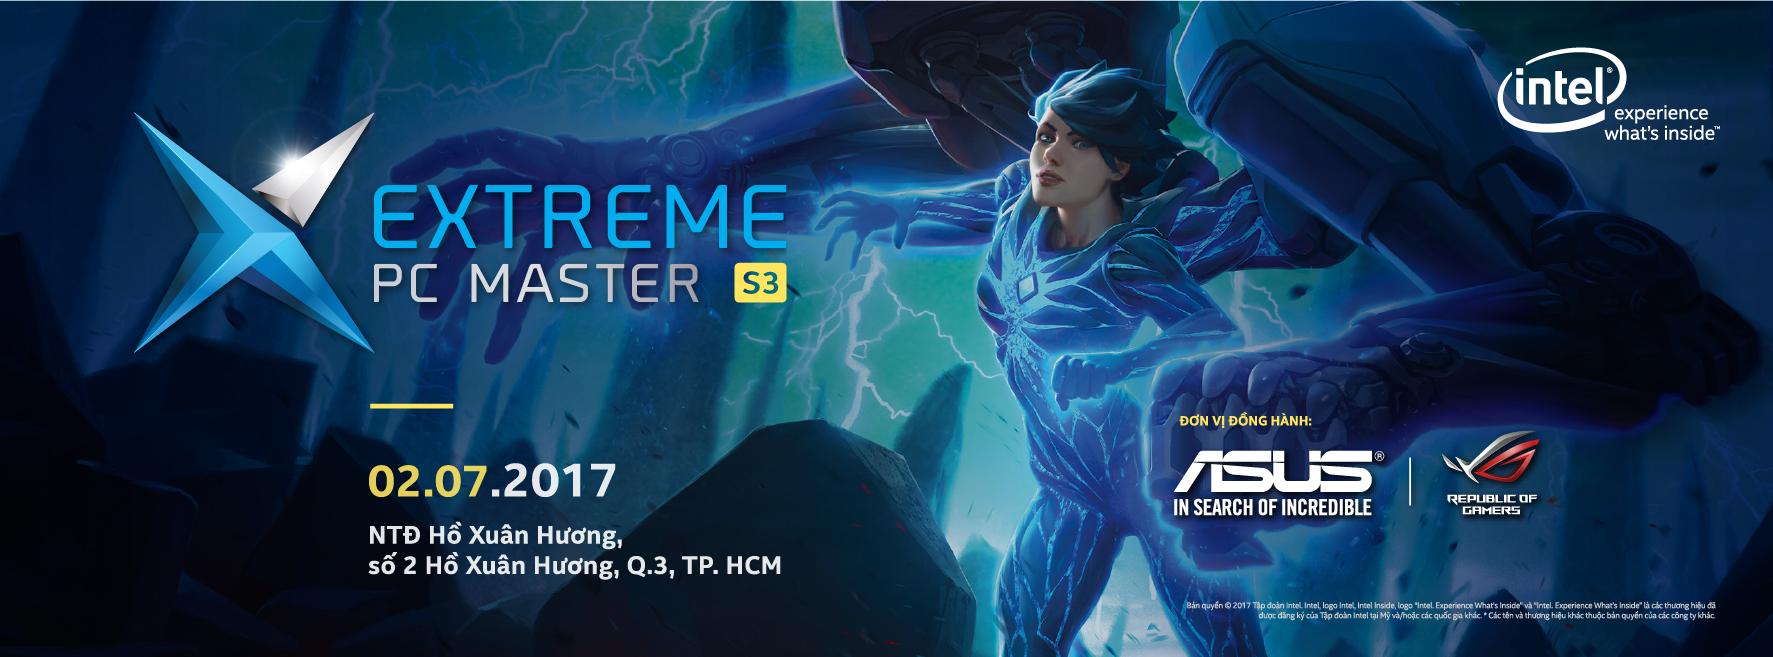 """ASUS là nhà tài trợ độc quyền Bo mạch chủ và Card đồ họa tại """"Extreme PC Master"""" mùa thứ 3"""